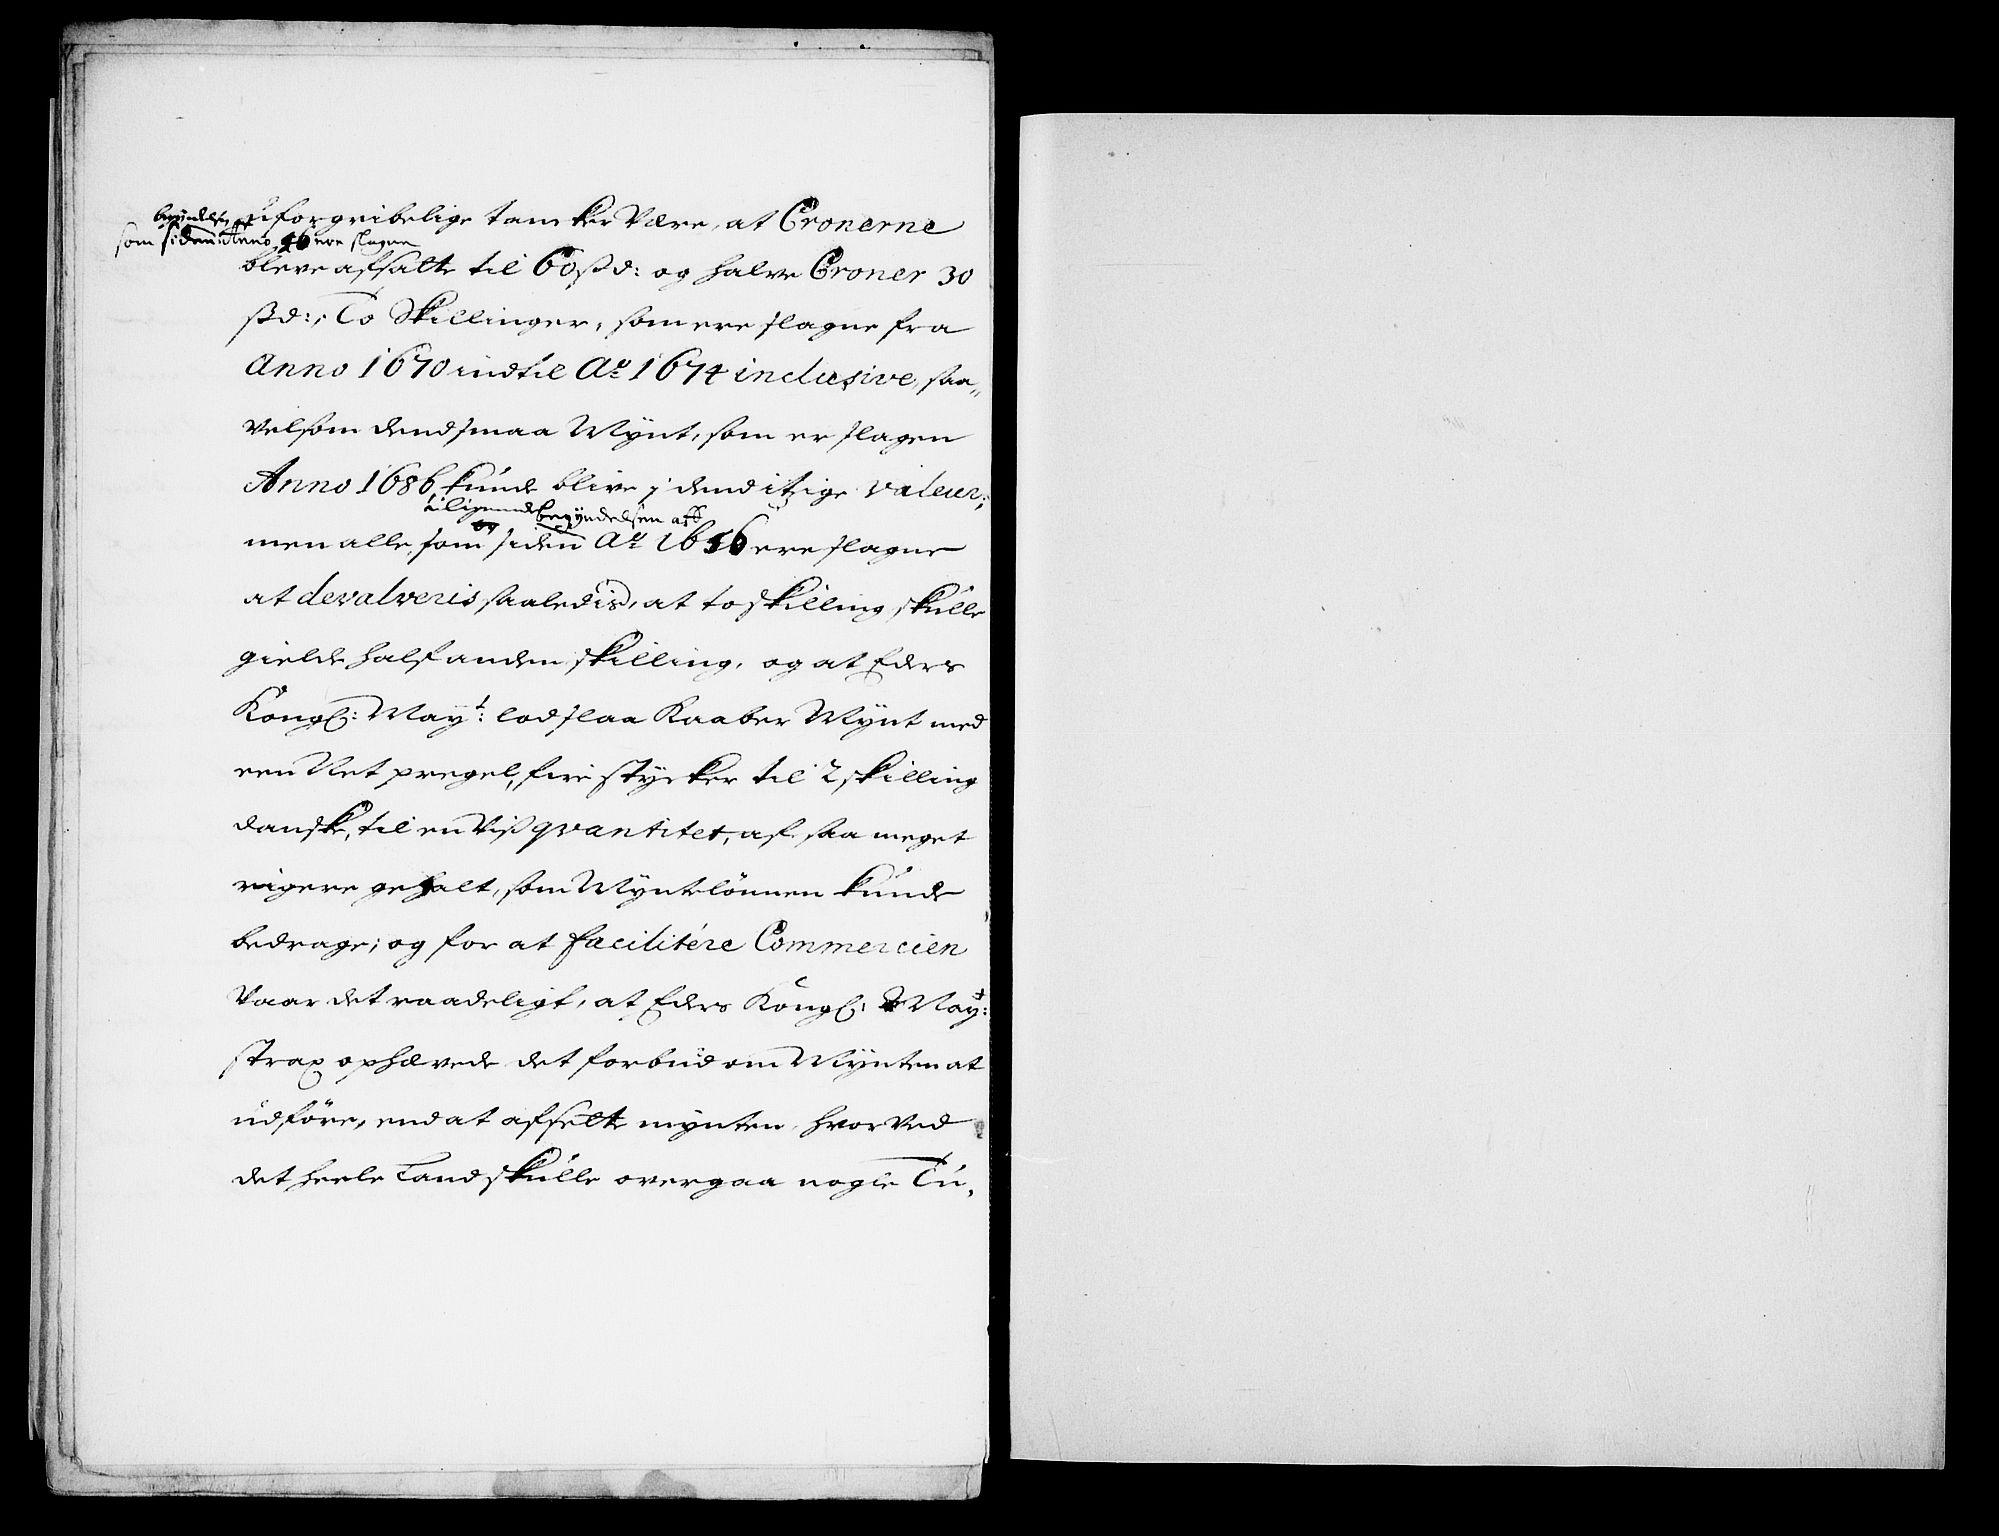 RA, Danske Kanselli, Skapsaker, G/L0019: Tillegg til skapsakene, 1616-1753, p. 340